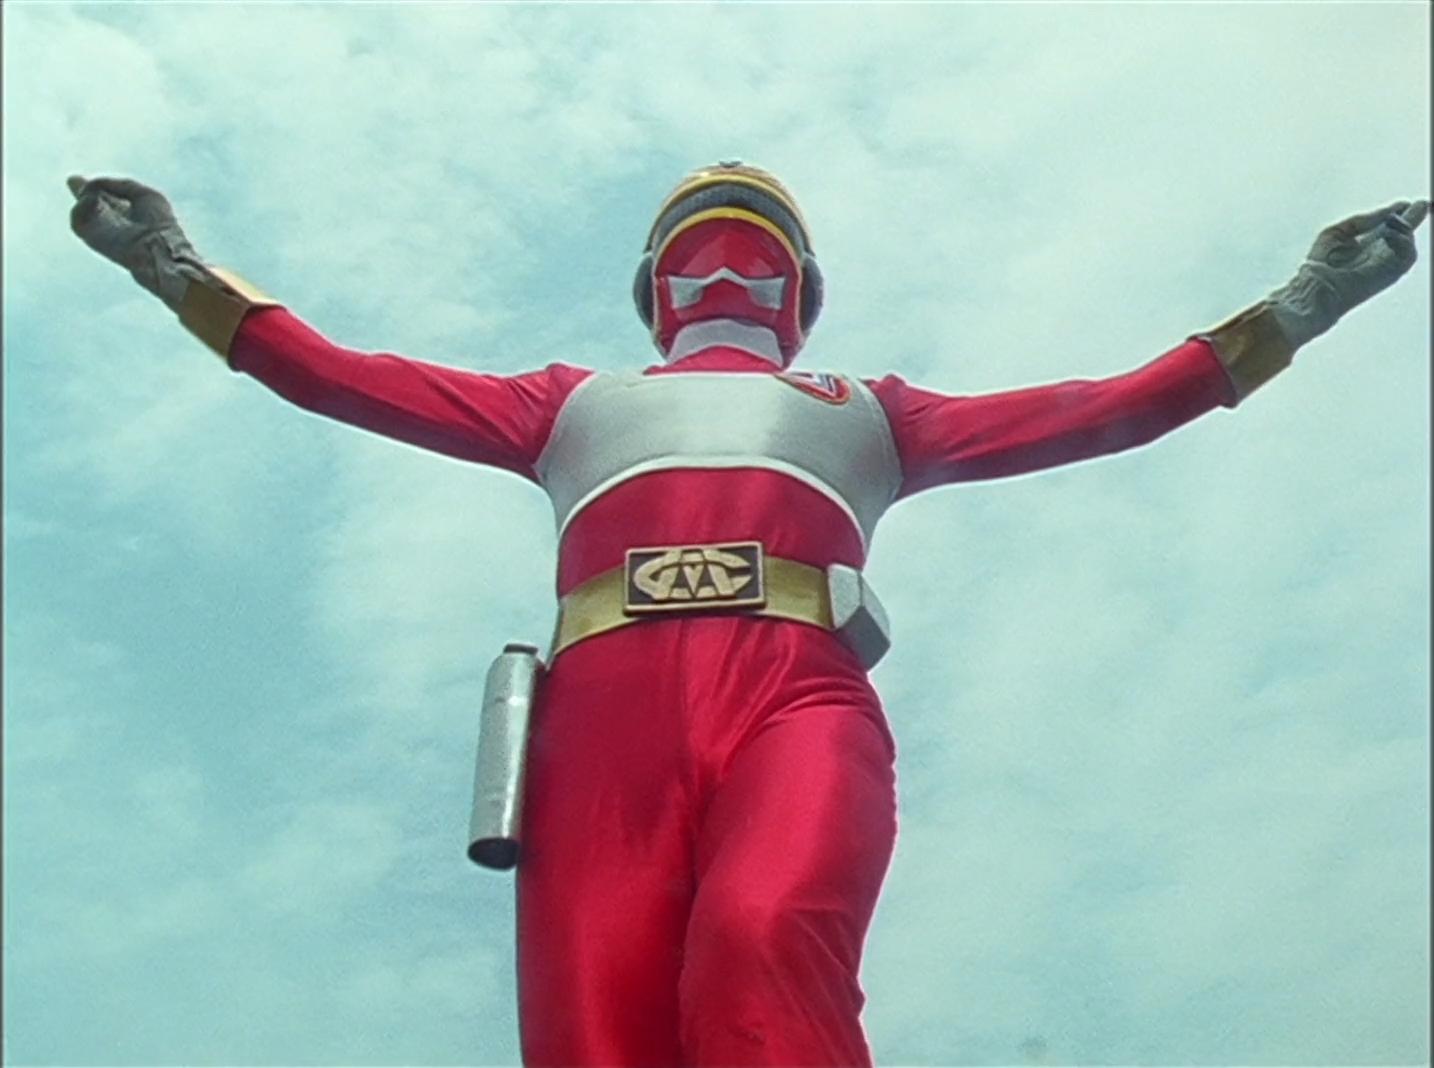 File:Change Dragon Gaoranger vs. Super Sentai.PNG